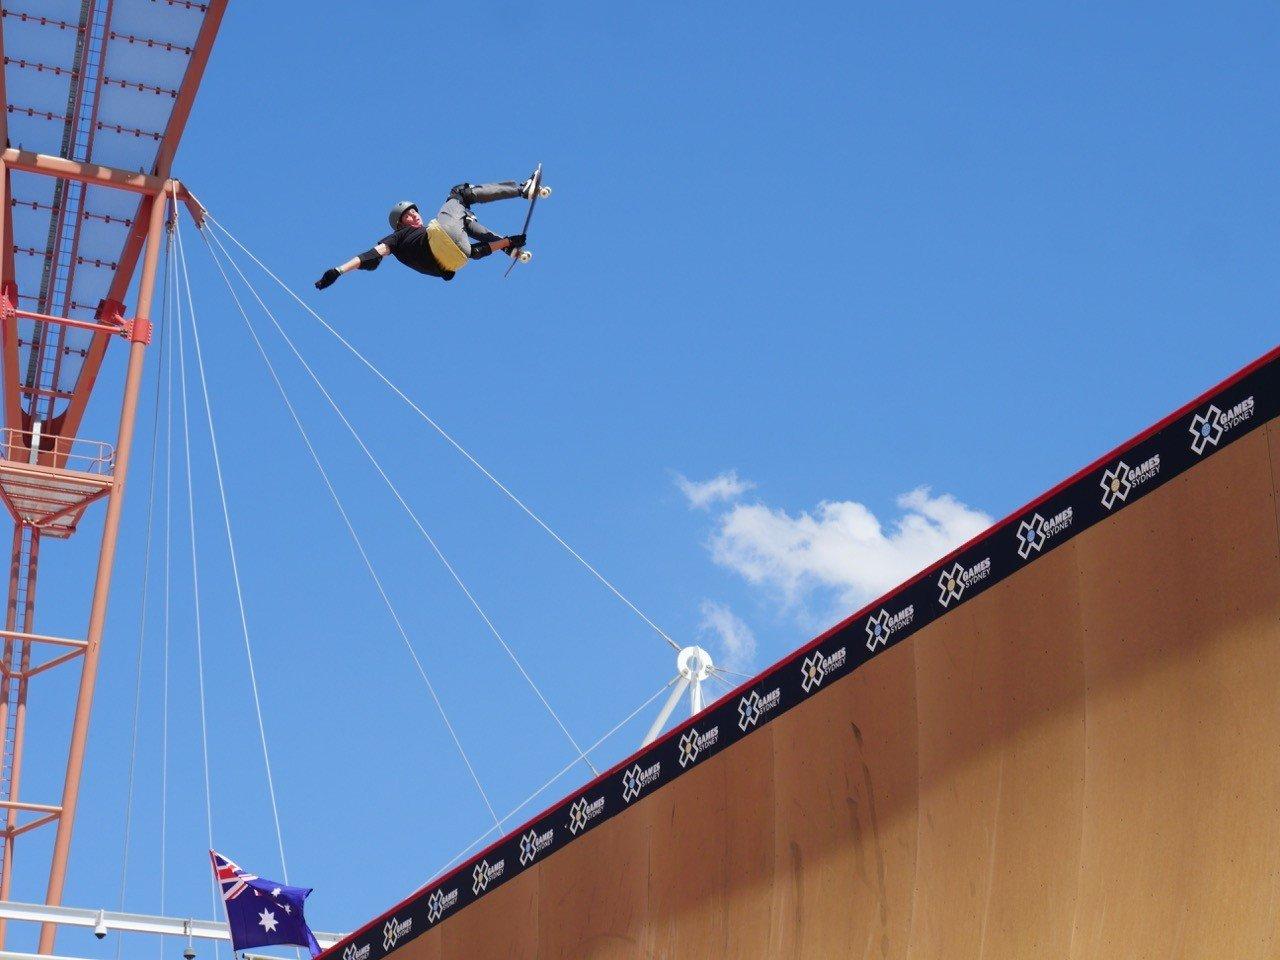 X Games Sydney Day 1 Skateboard Big Air Qualifier